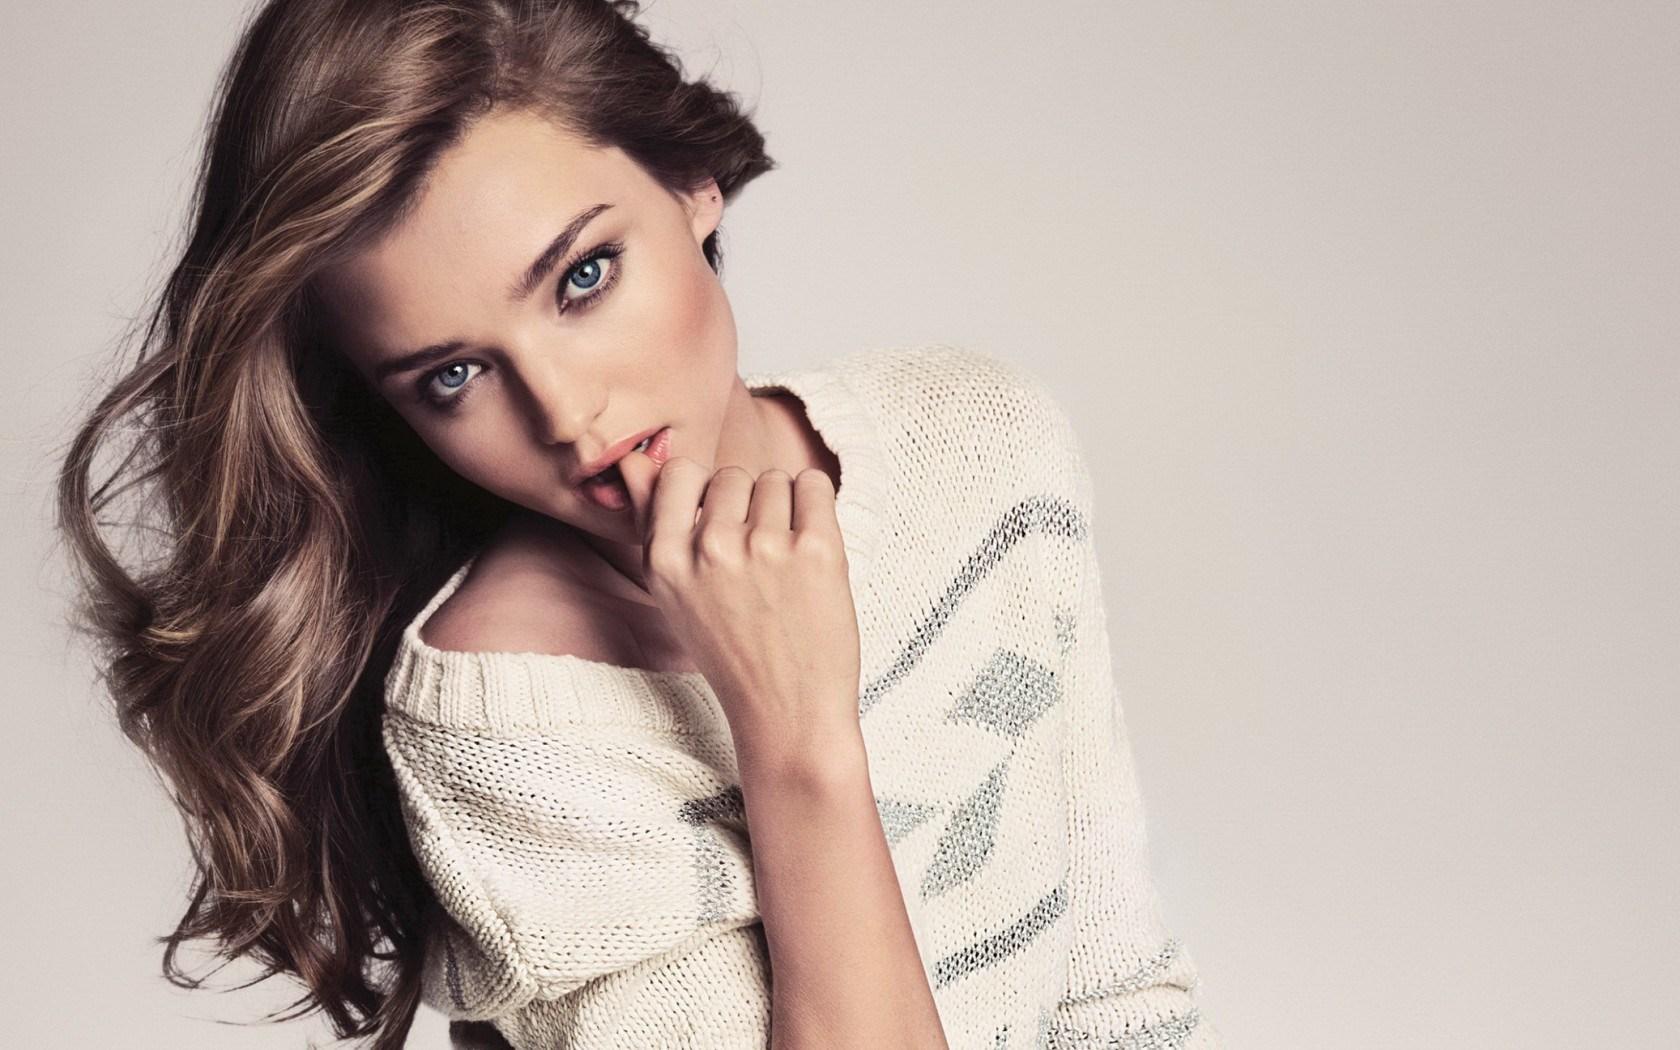 Beauty Model Girl Miranda Kerr